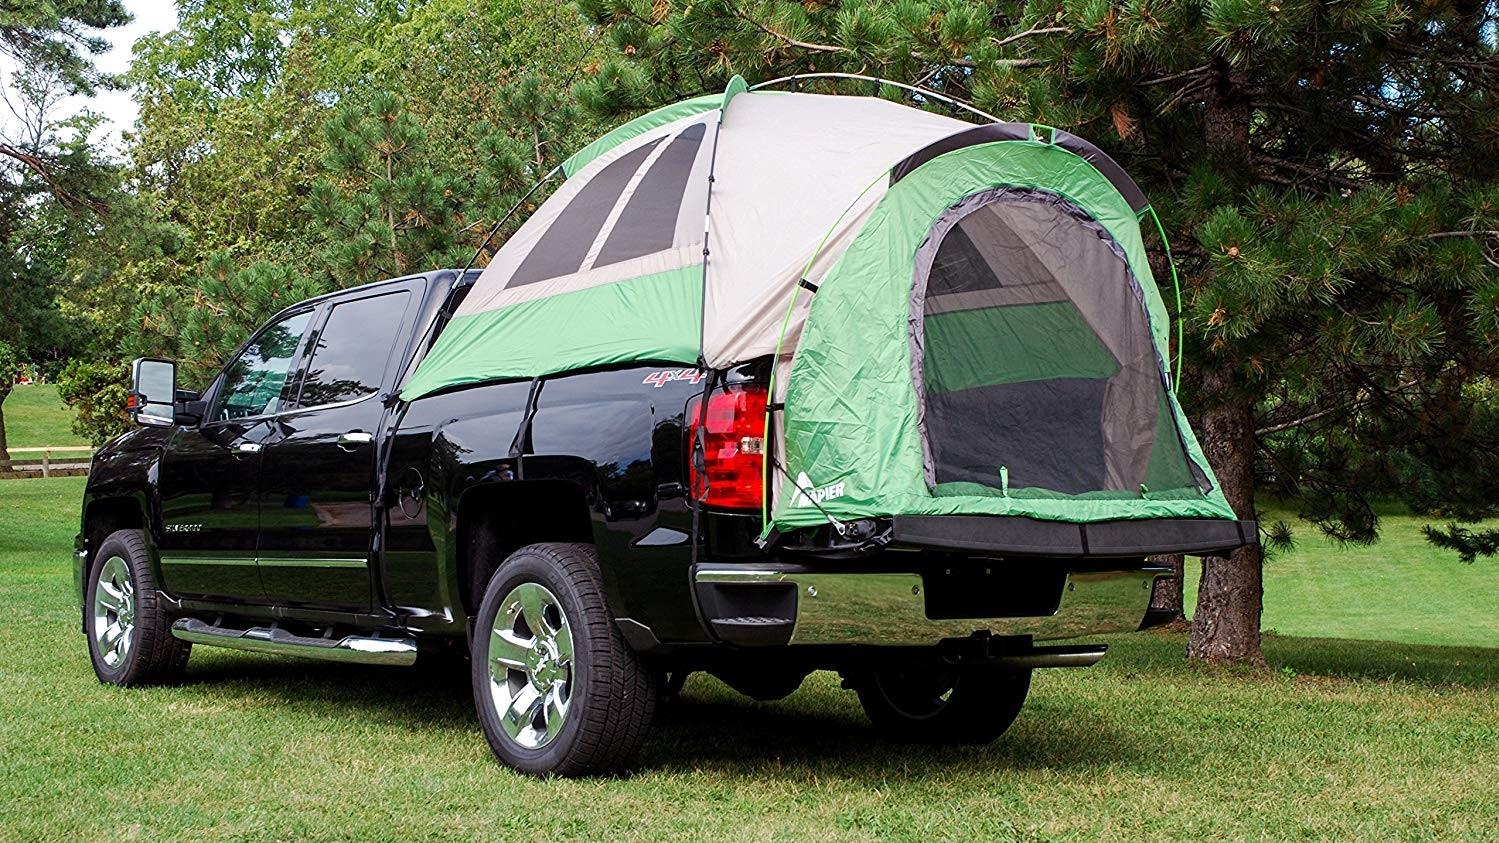 Las tiendas de campaña para pick-up demuestran la versatilidad de este tipo de vehículos